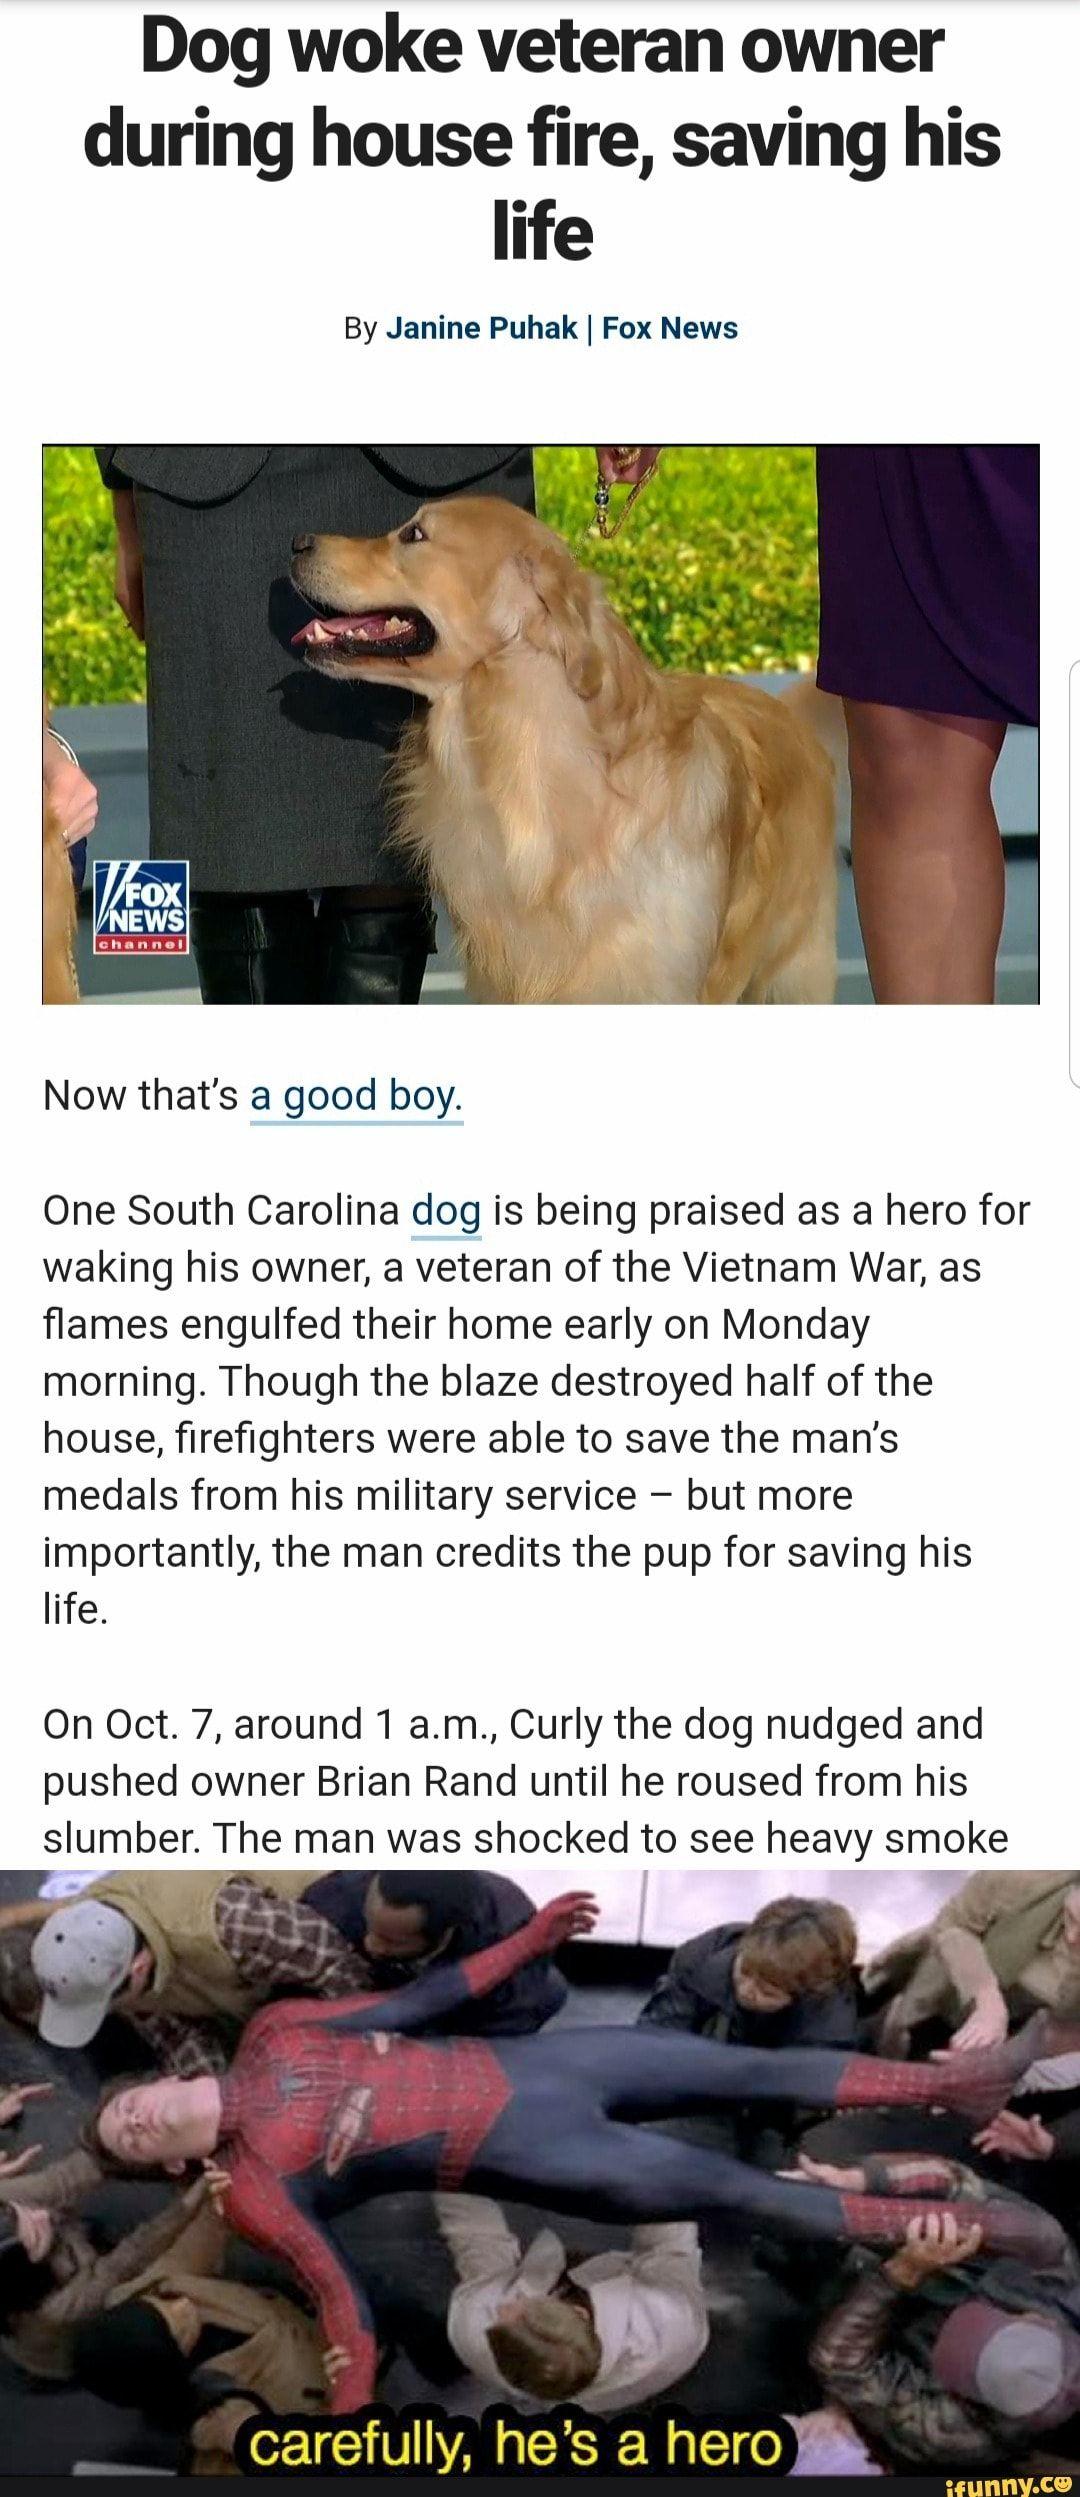 Dog woke veteran owner during house fire, saving his life